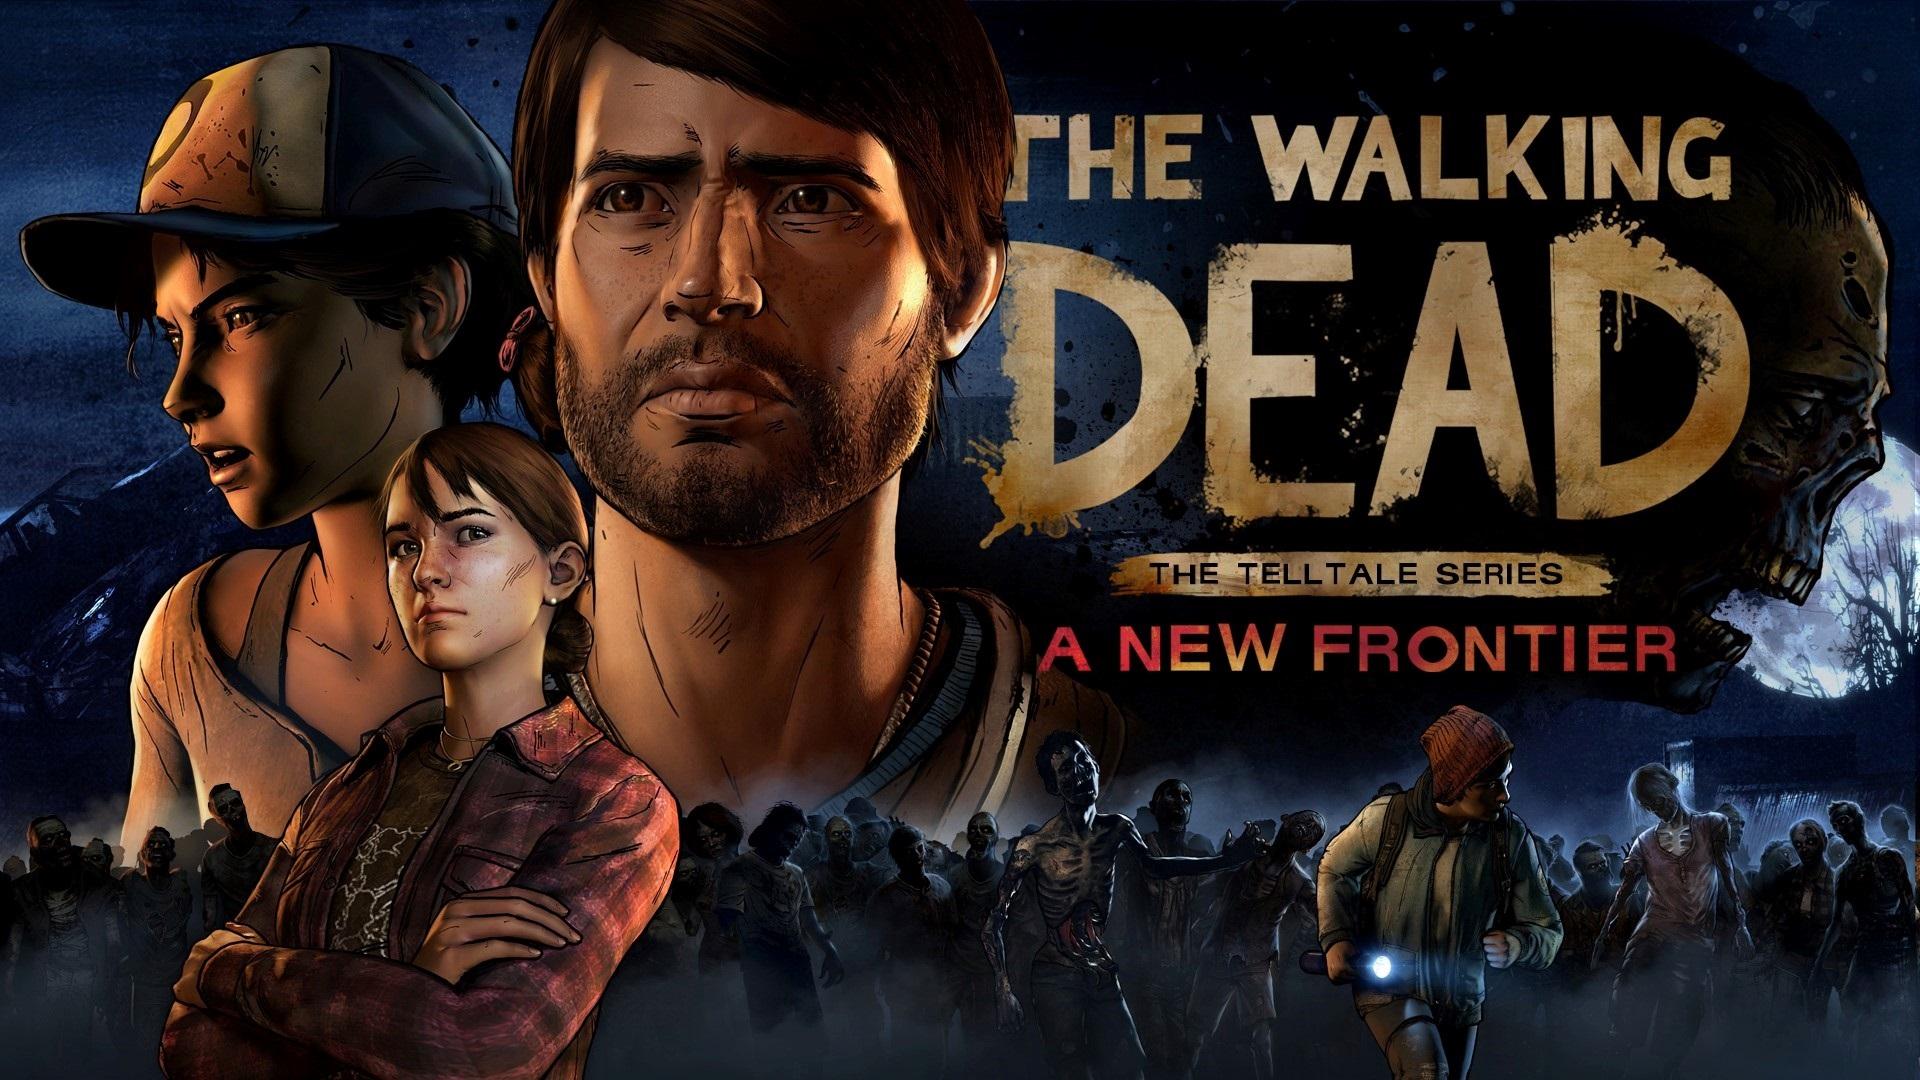 the-walking-dead-the-telltale-series-a-new-frontier-season-3-1